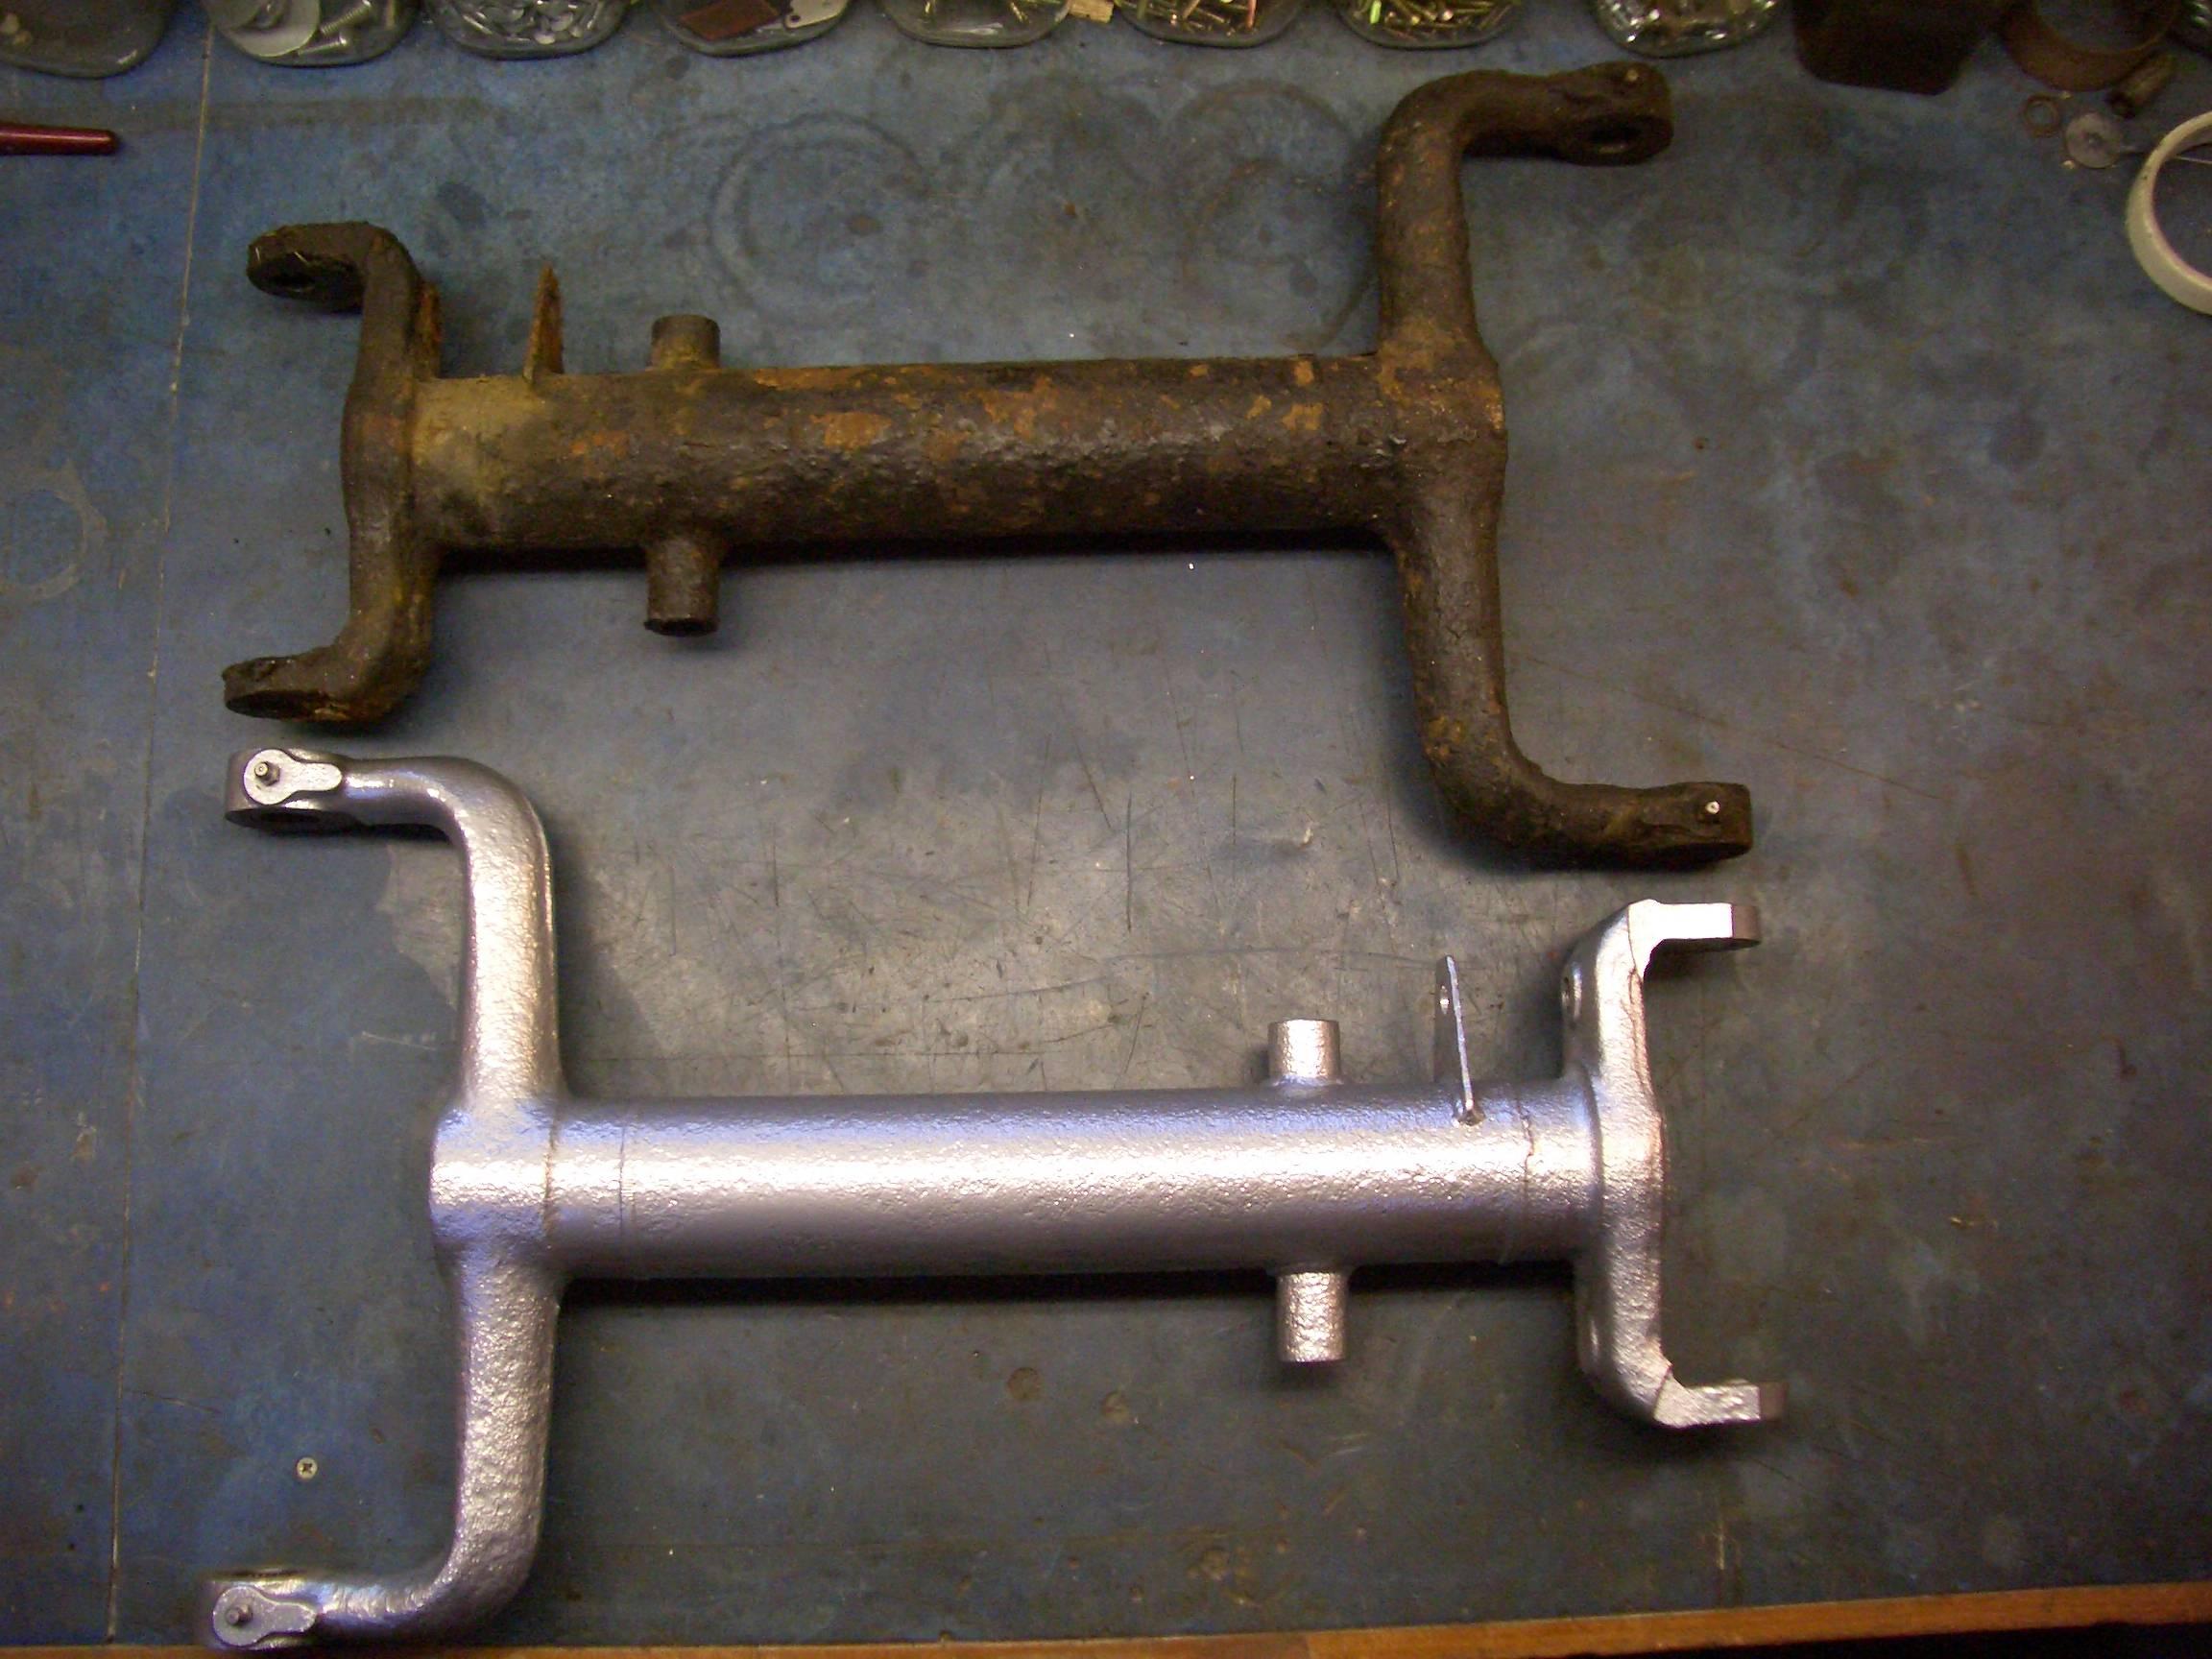 Shiny rear suspension arms